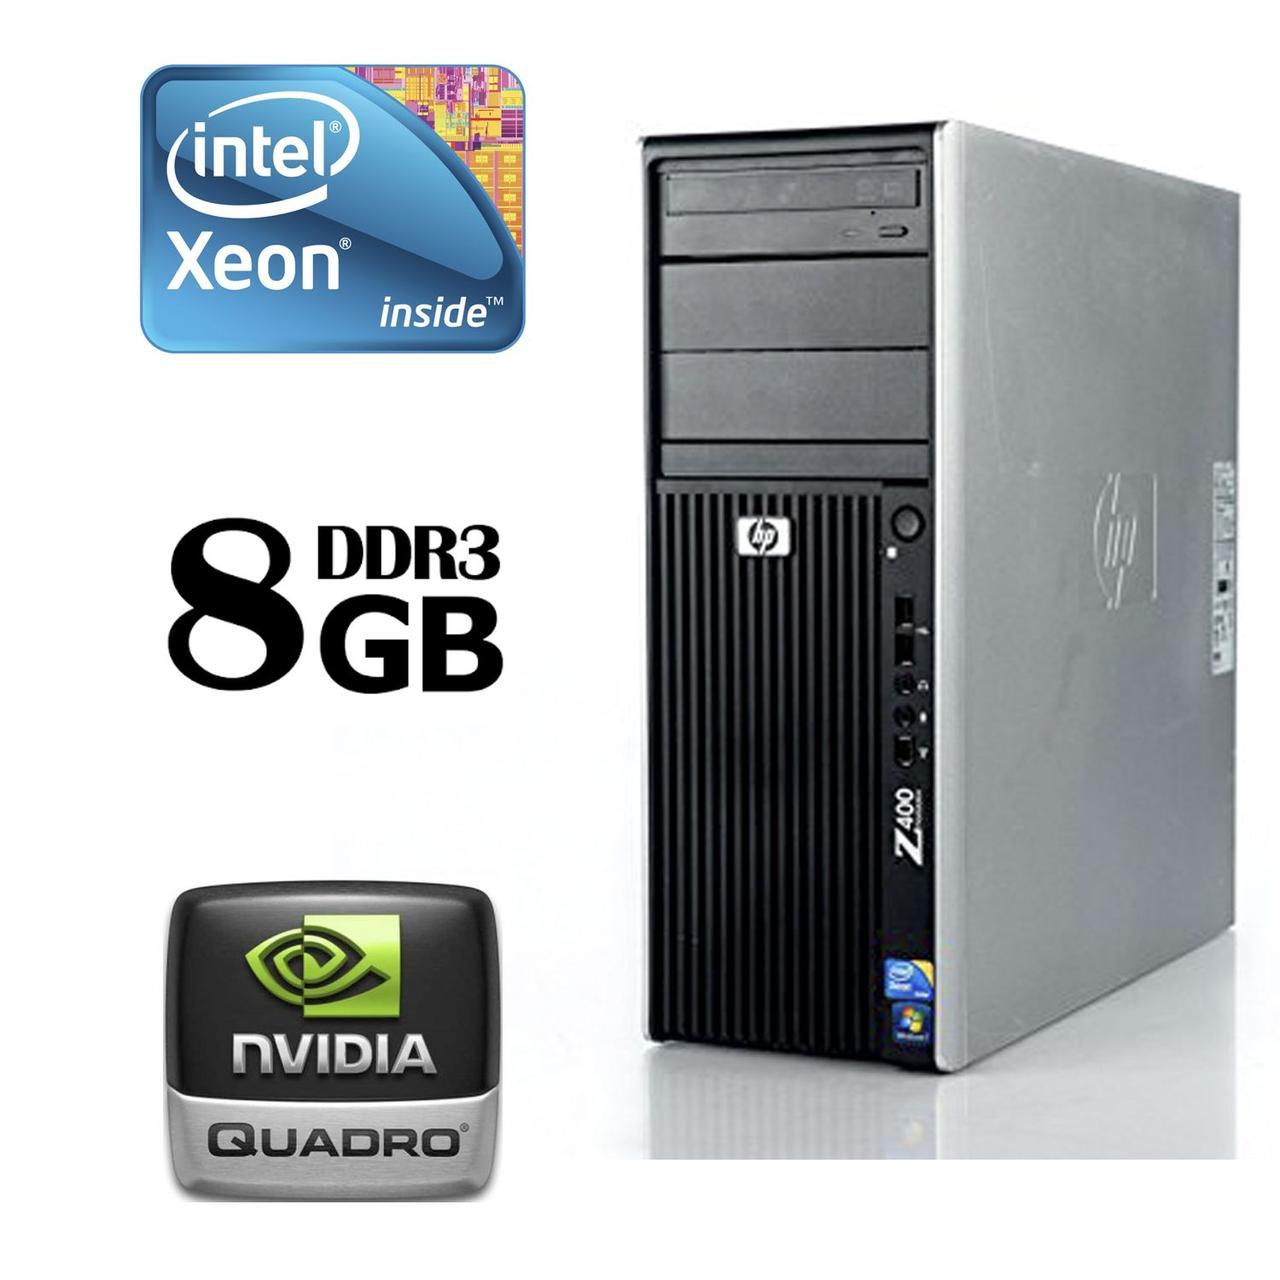 HP Z400 Workstation Tower / Intel® Xeon® W3520 (4 (8) ядра по 2.66 - 2.93 GHz) / 8 GB DDR3 ECC / 250 GB HDD /